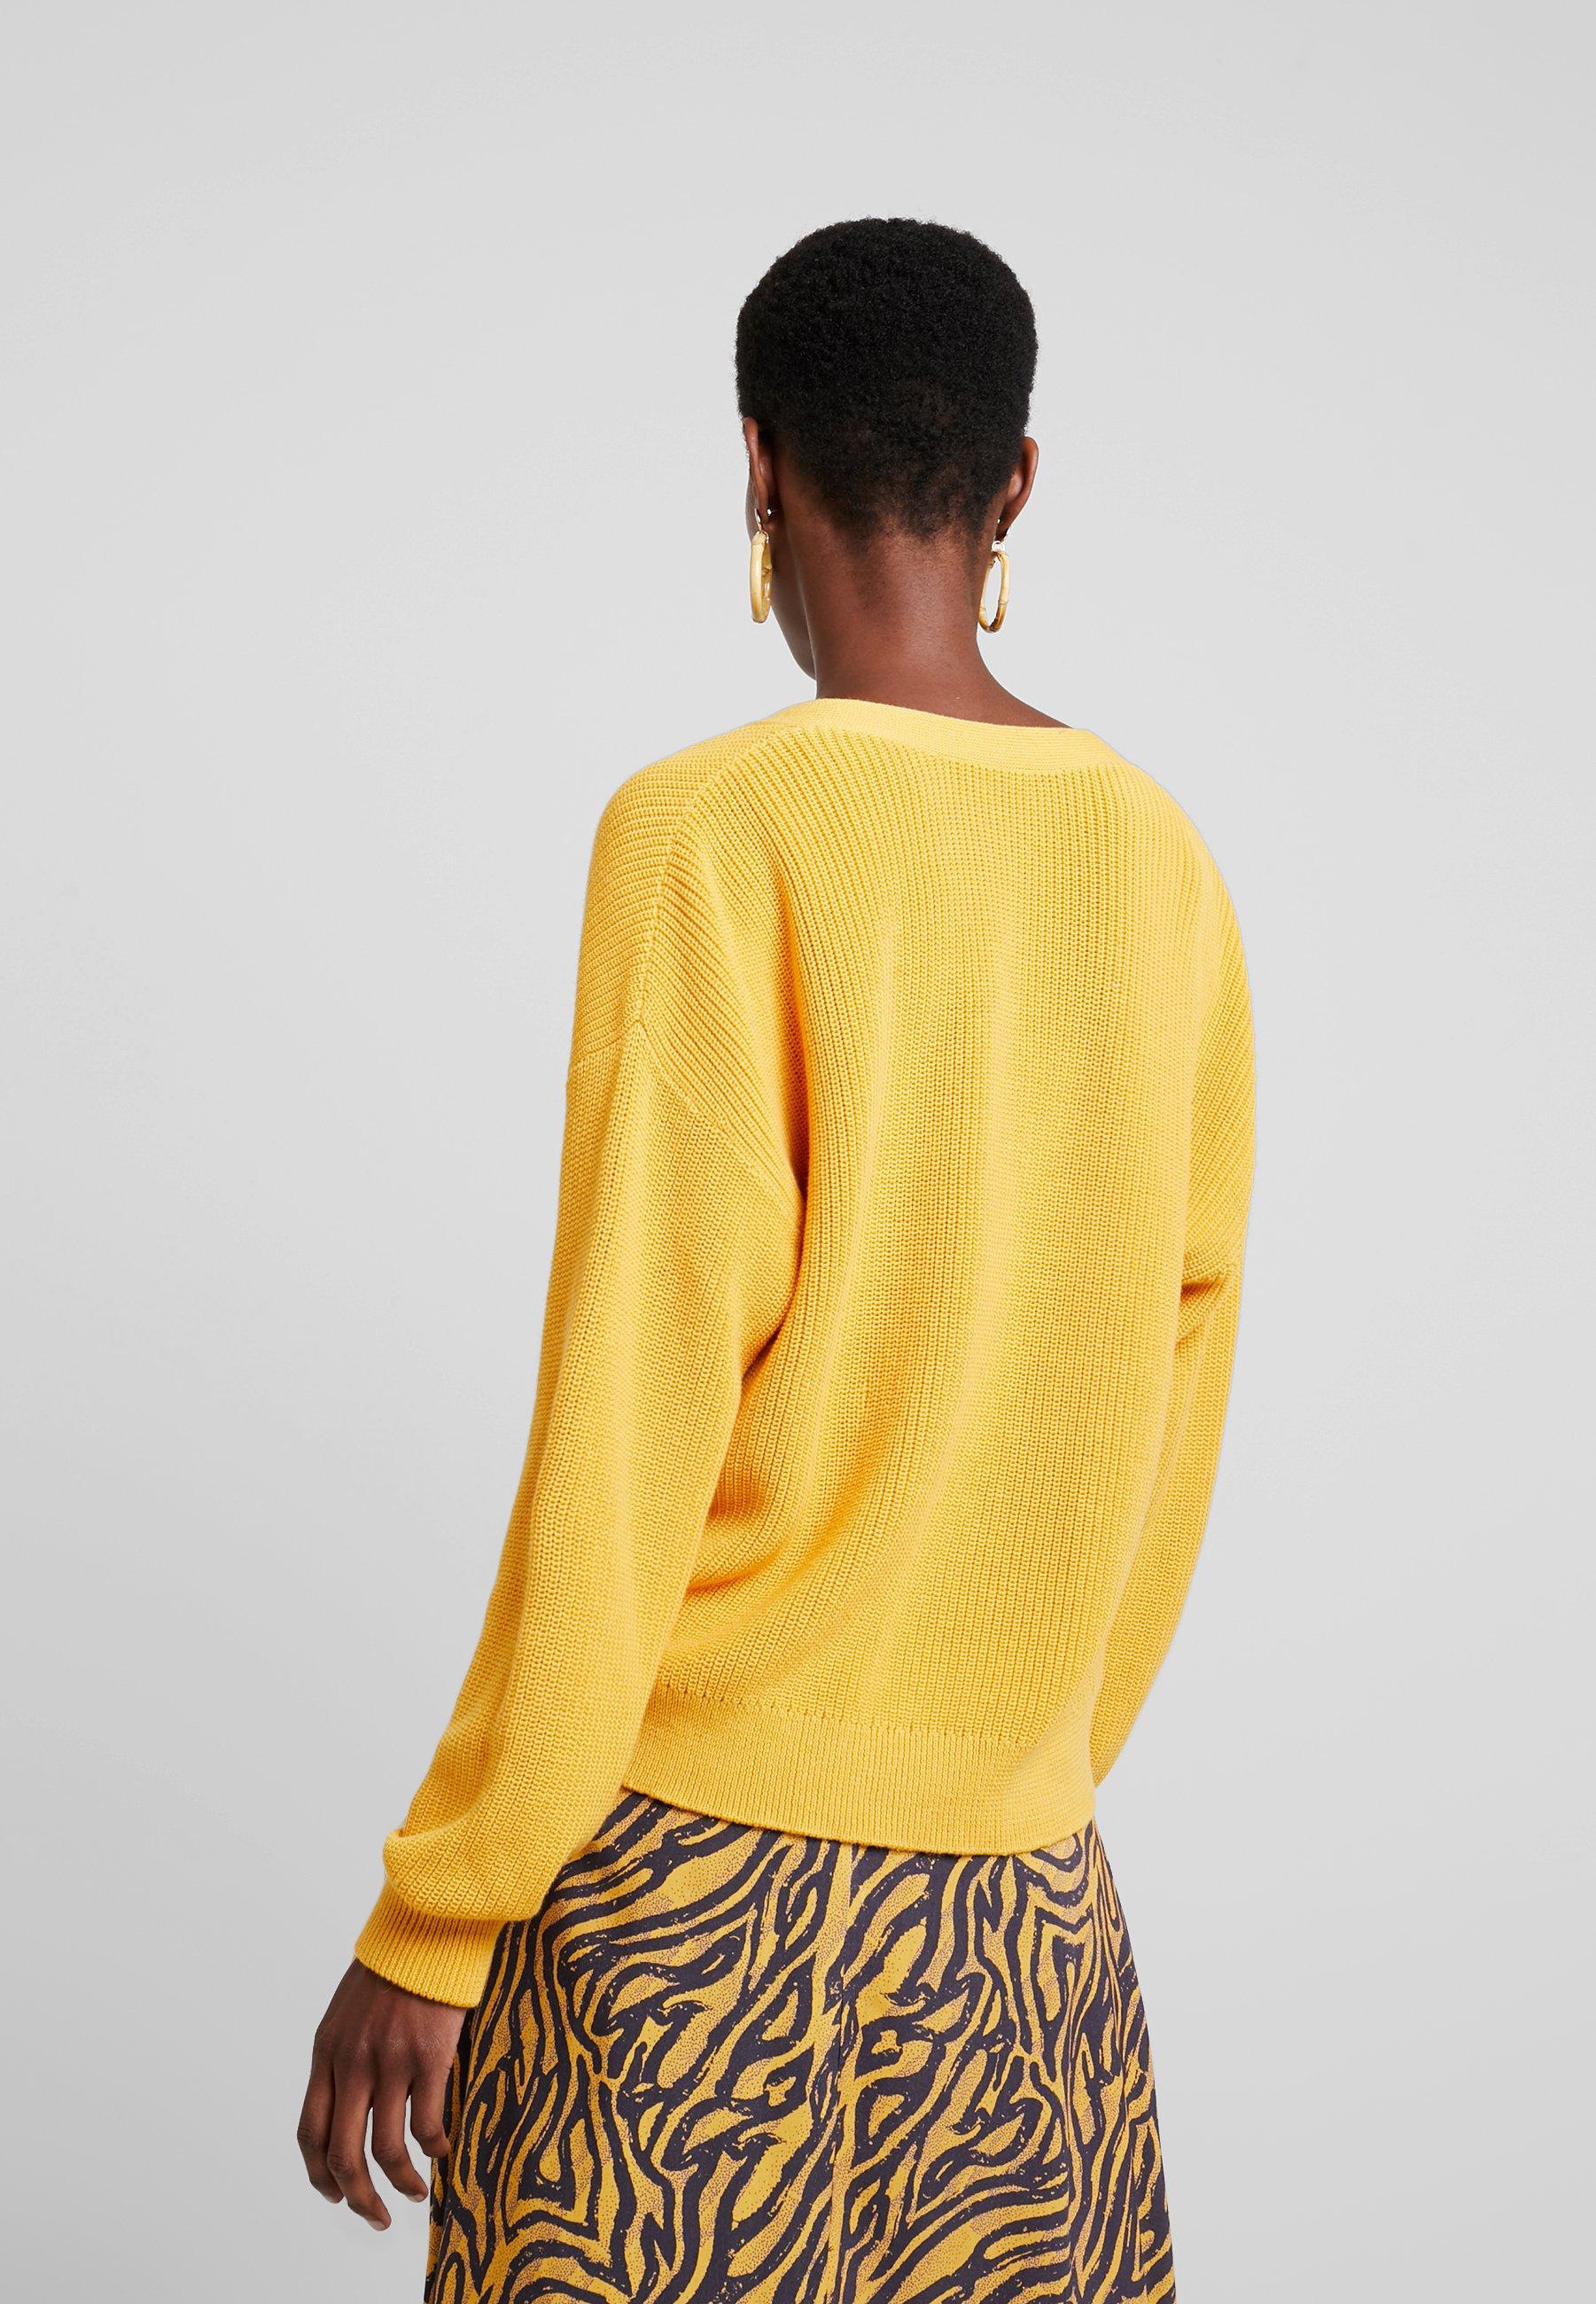 Yolk JaniseGilet Mbym Yellow Mbym JaniseGilet Yellow Yolk 8nkZN0wOPX